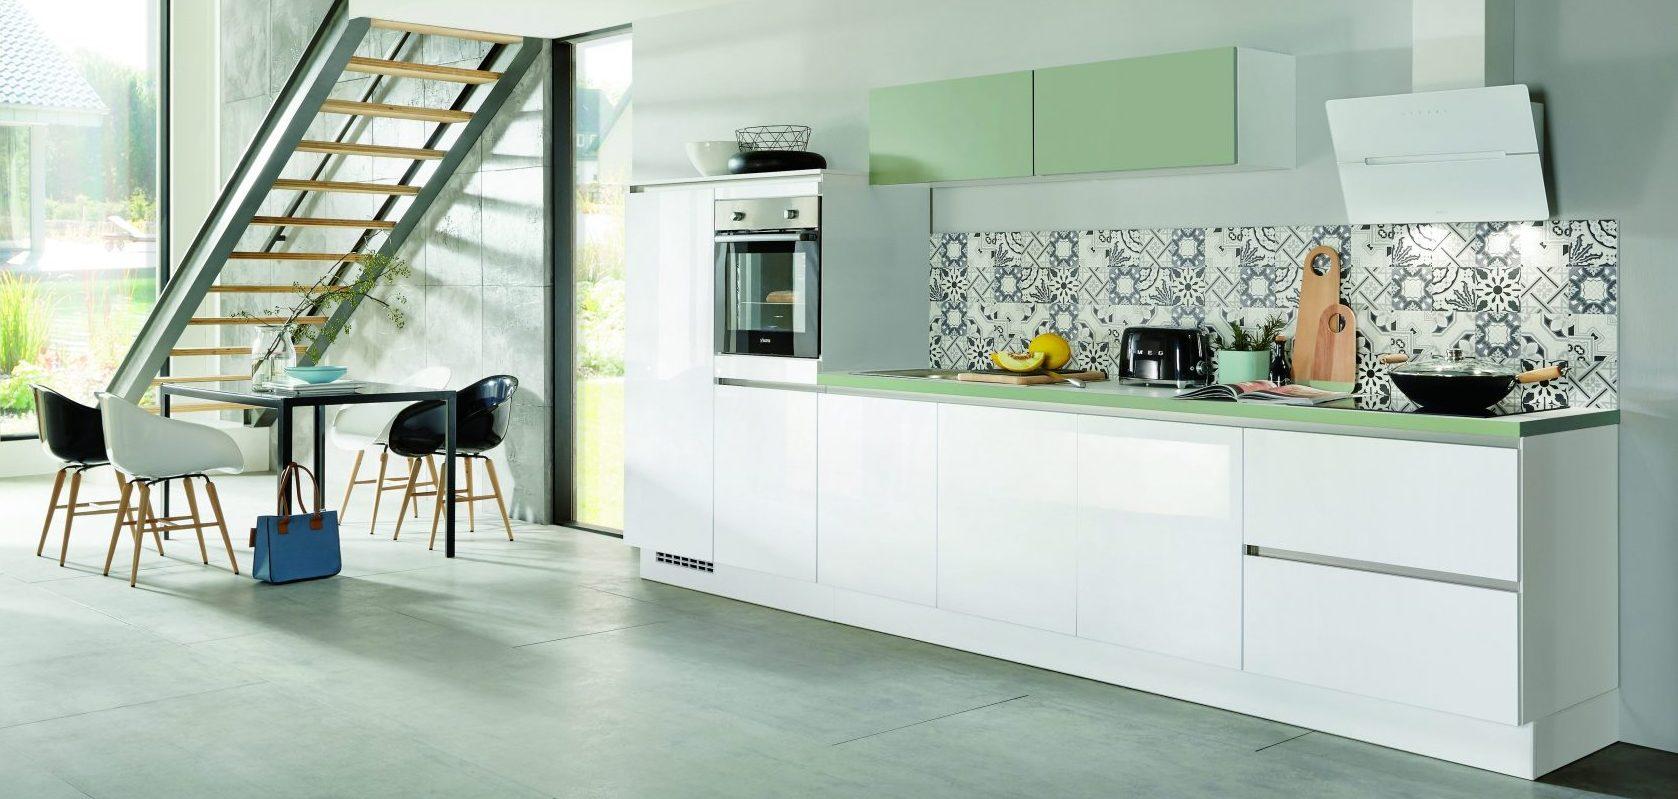 FOCUS 470 Color Concept